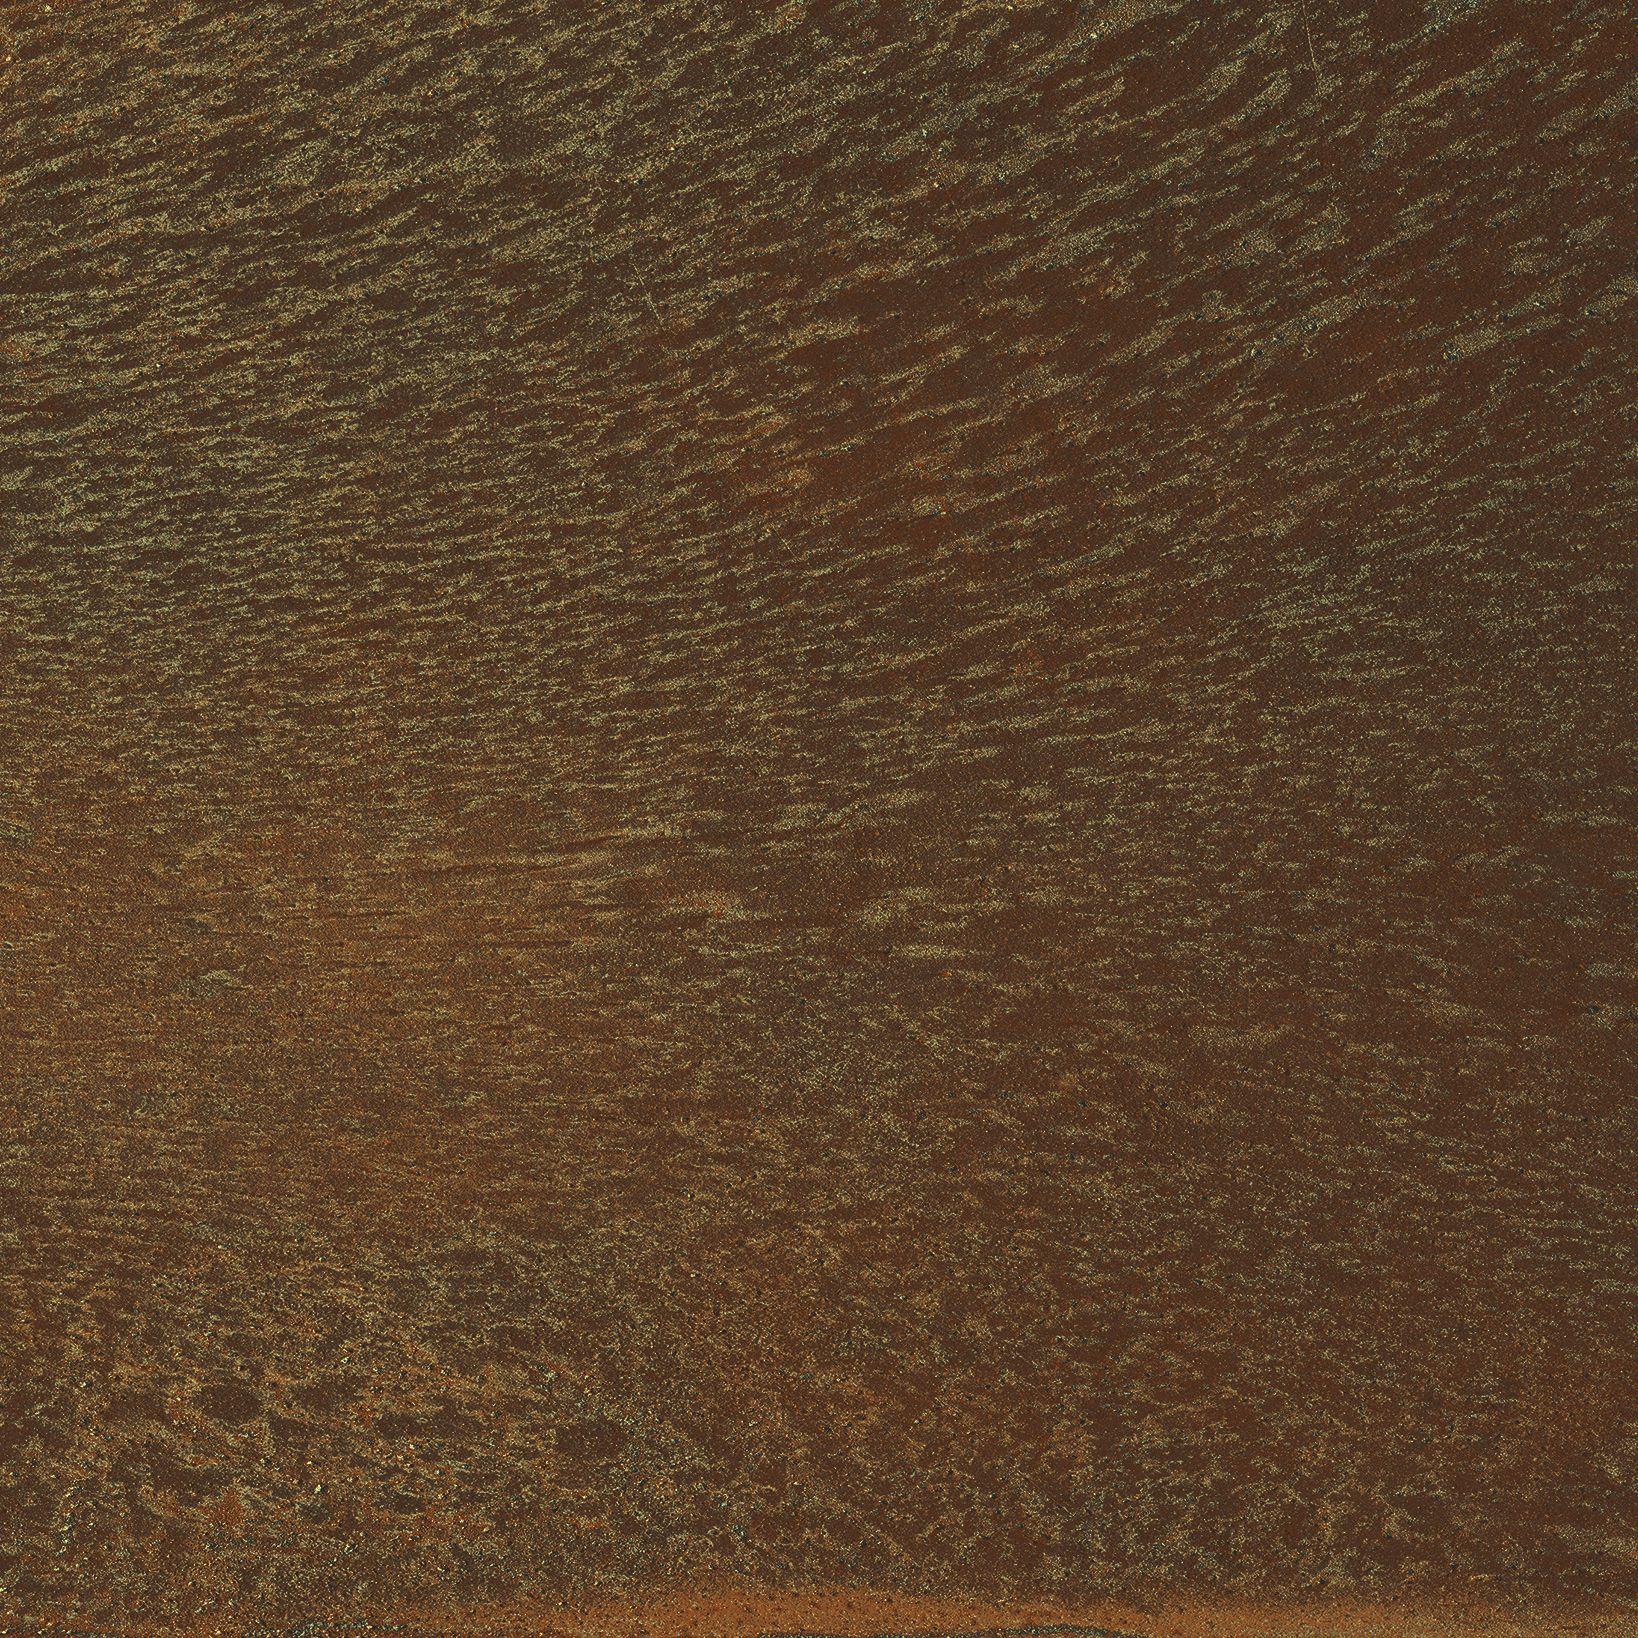 Плитка из керамогранита матовая Italon Серфейс 60x60 коричневый (610010000802)